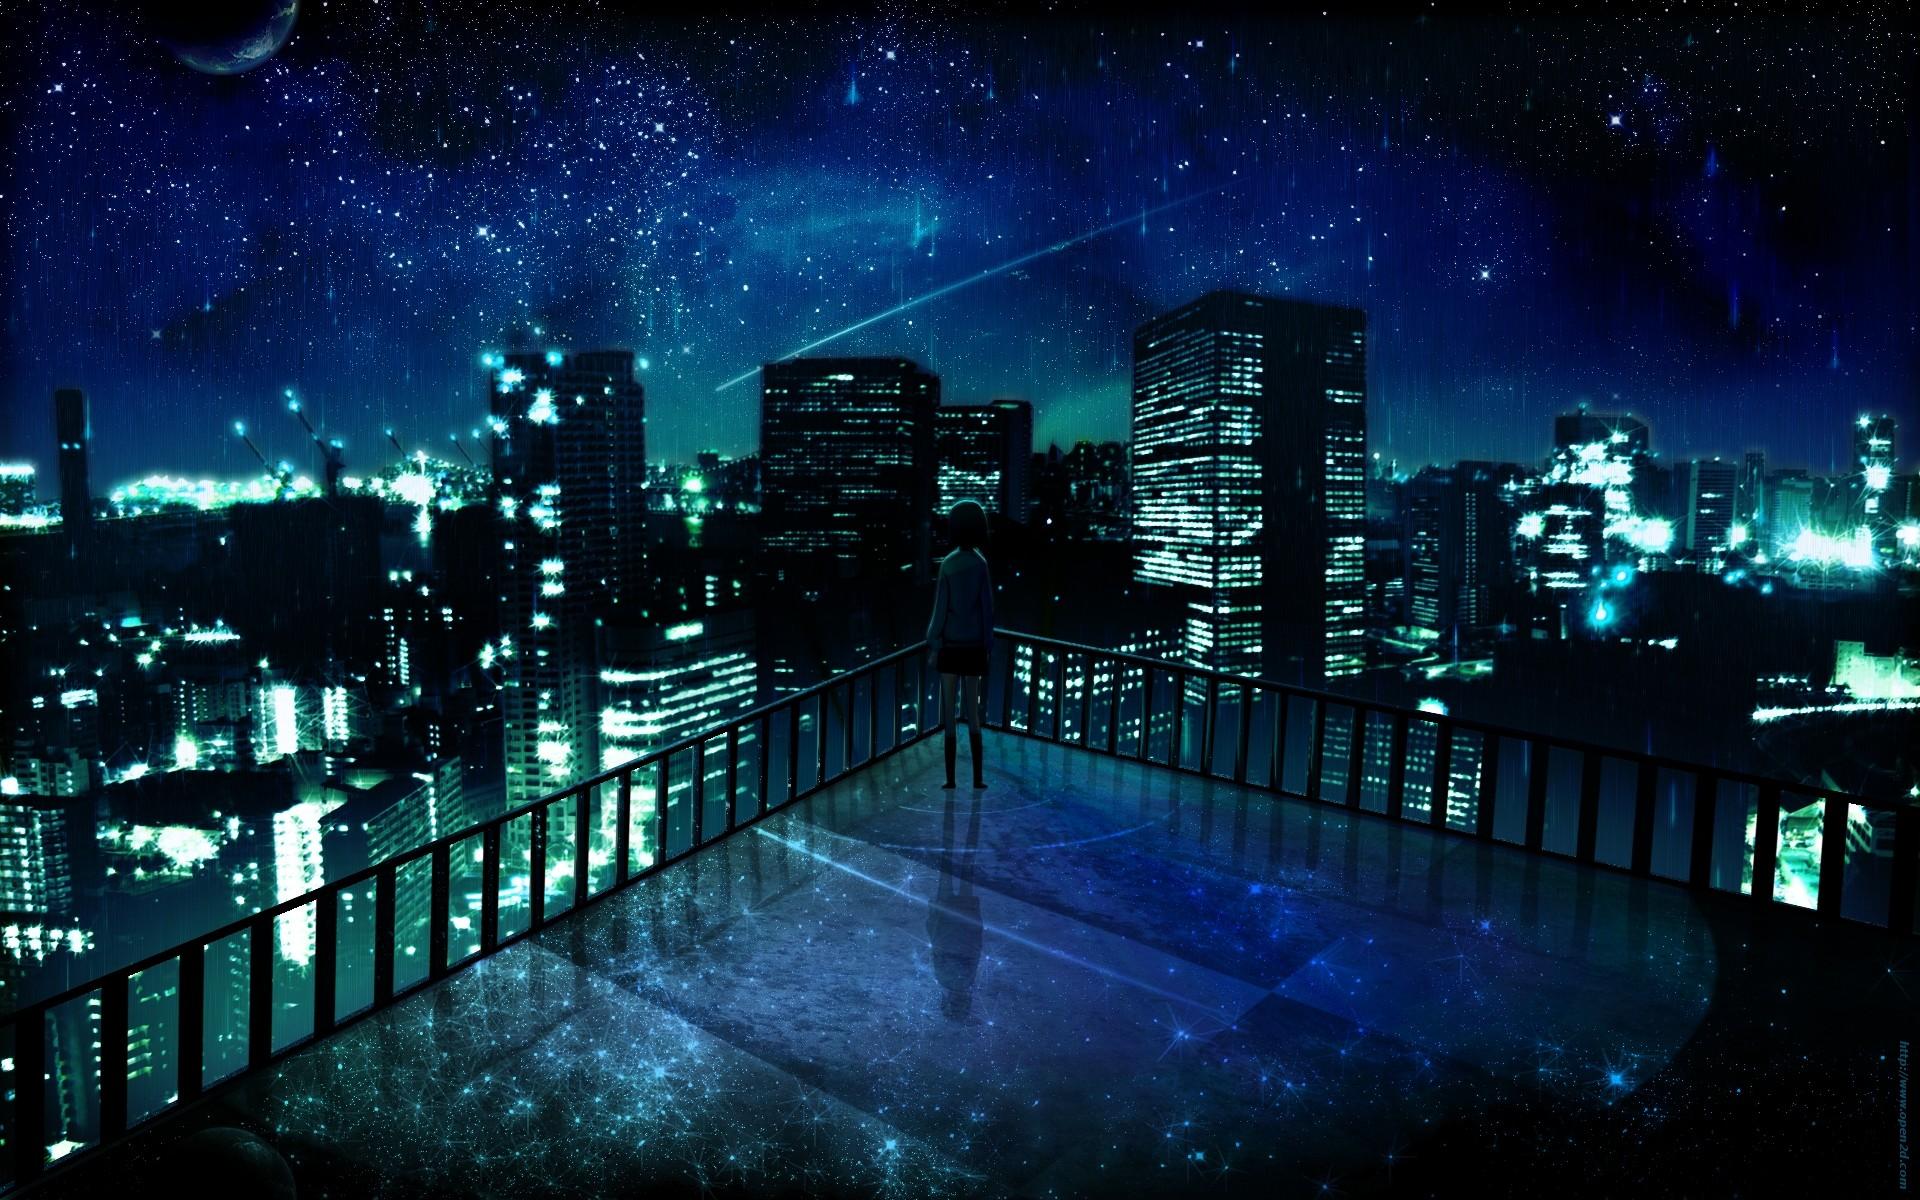 Download Manga Night City Lala Sama Club Ados Design Wallpaper .